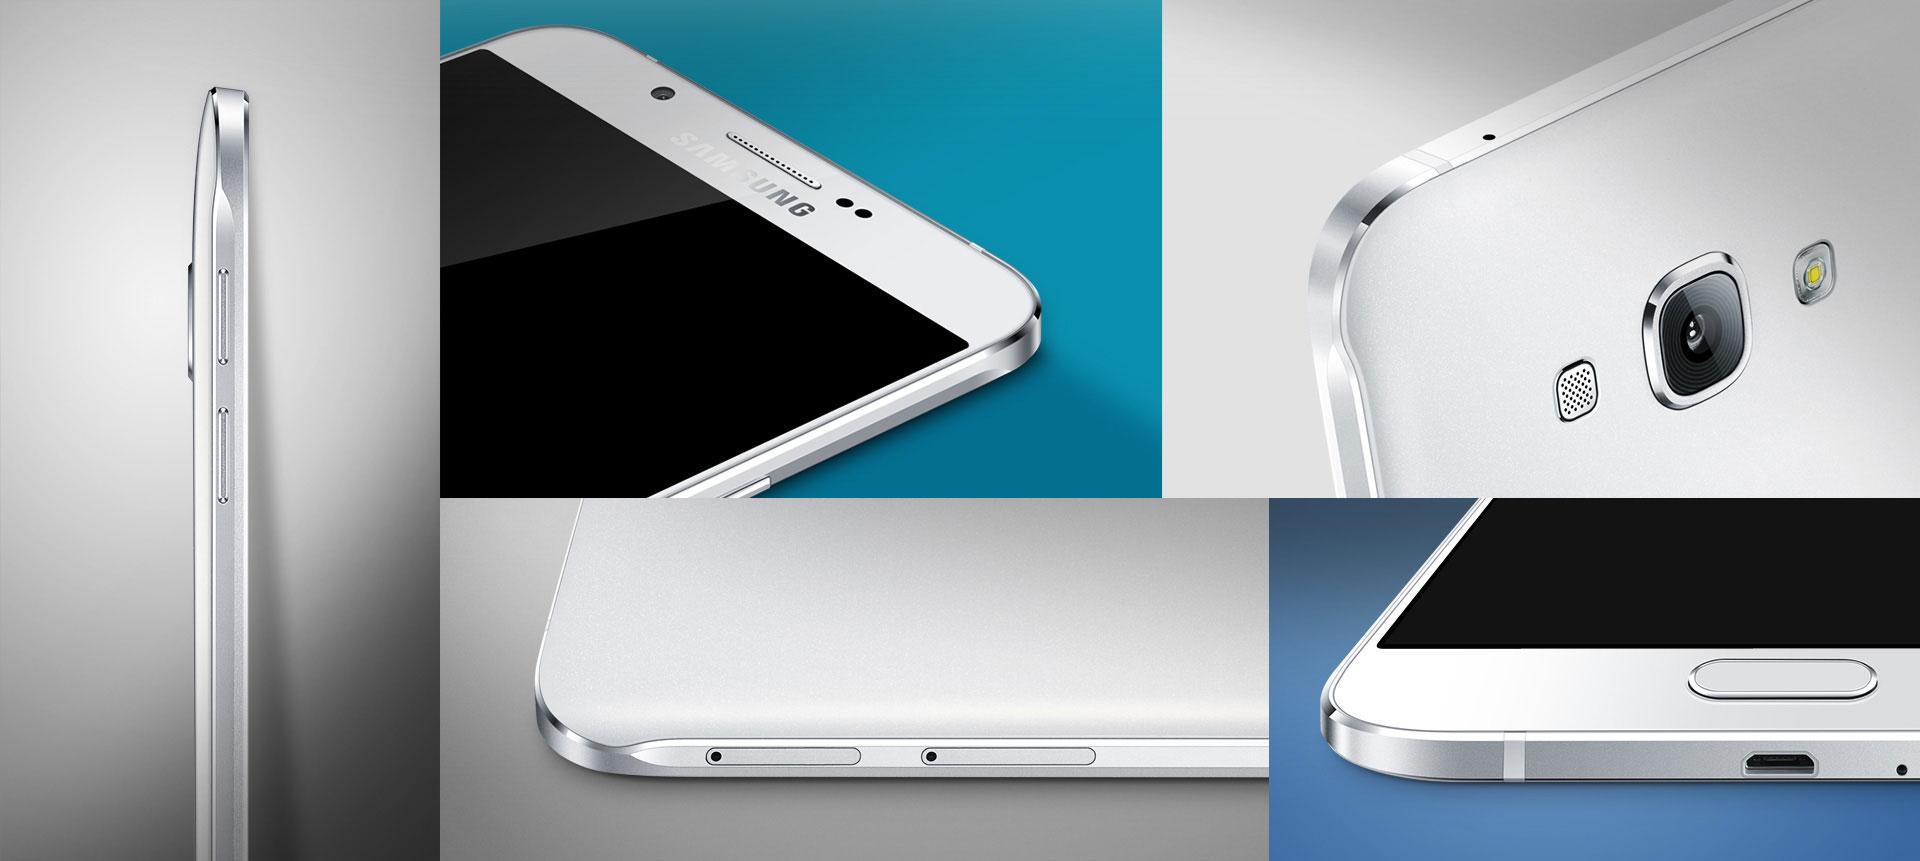 Samsung Galaxy A8 detalles de carcasa